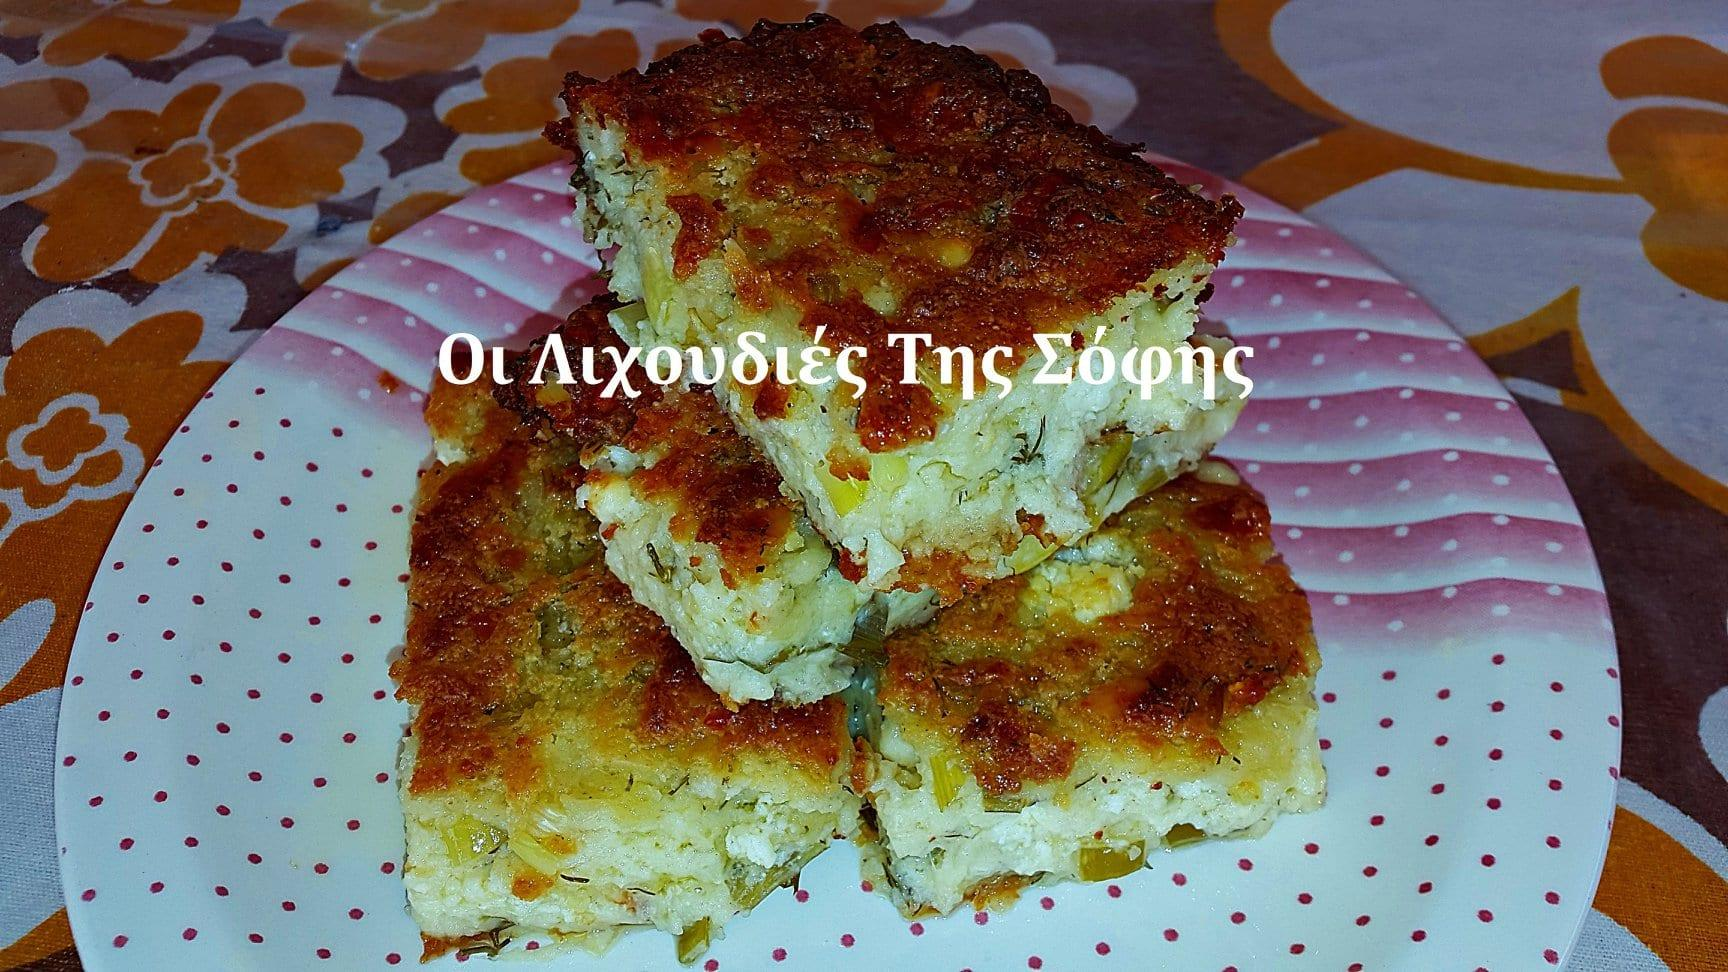 Μια απίστευτη και πανεύκολη τυρόπιτα χωρίς φύλλο από την Σοφη Τσιώπου